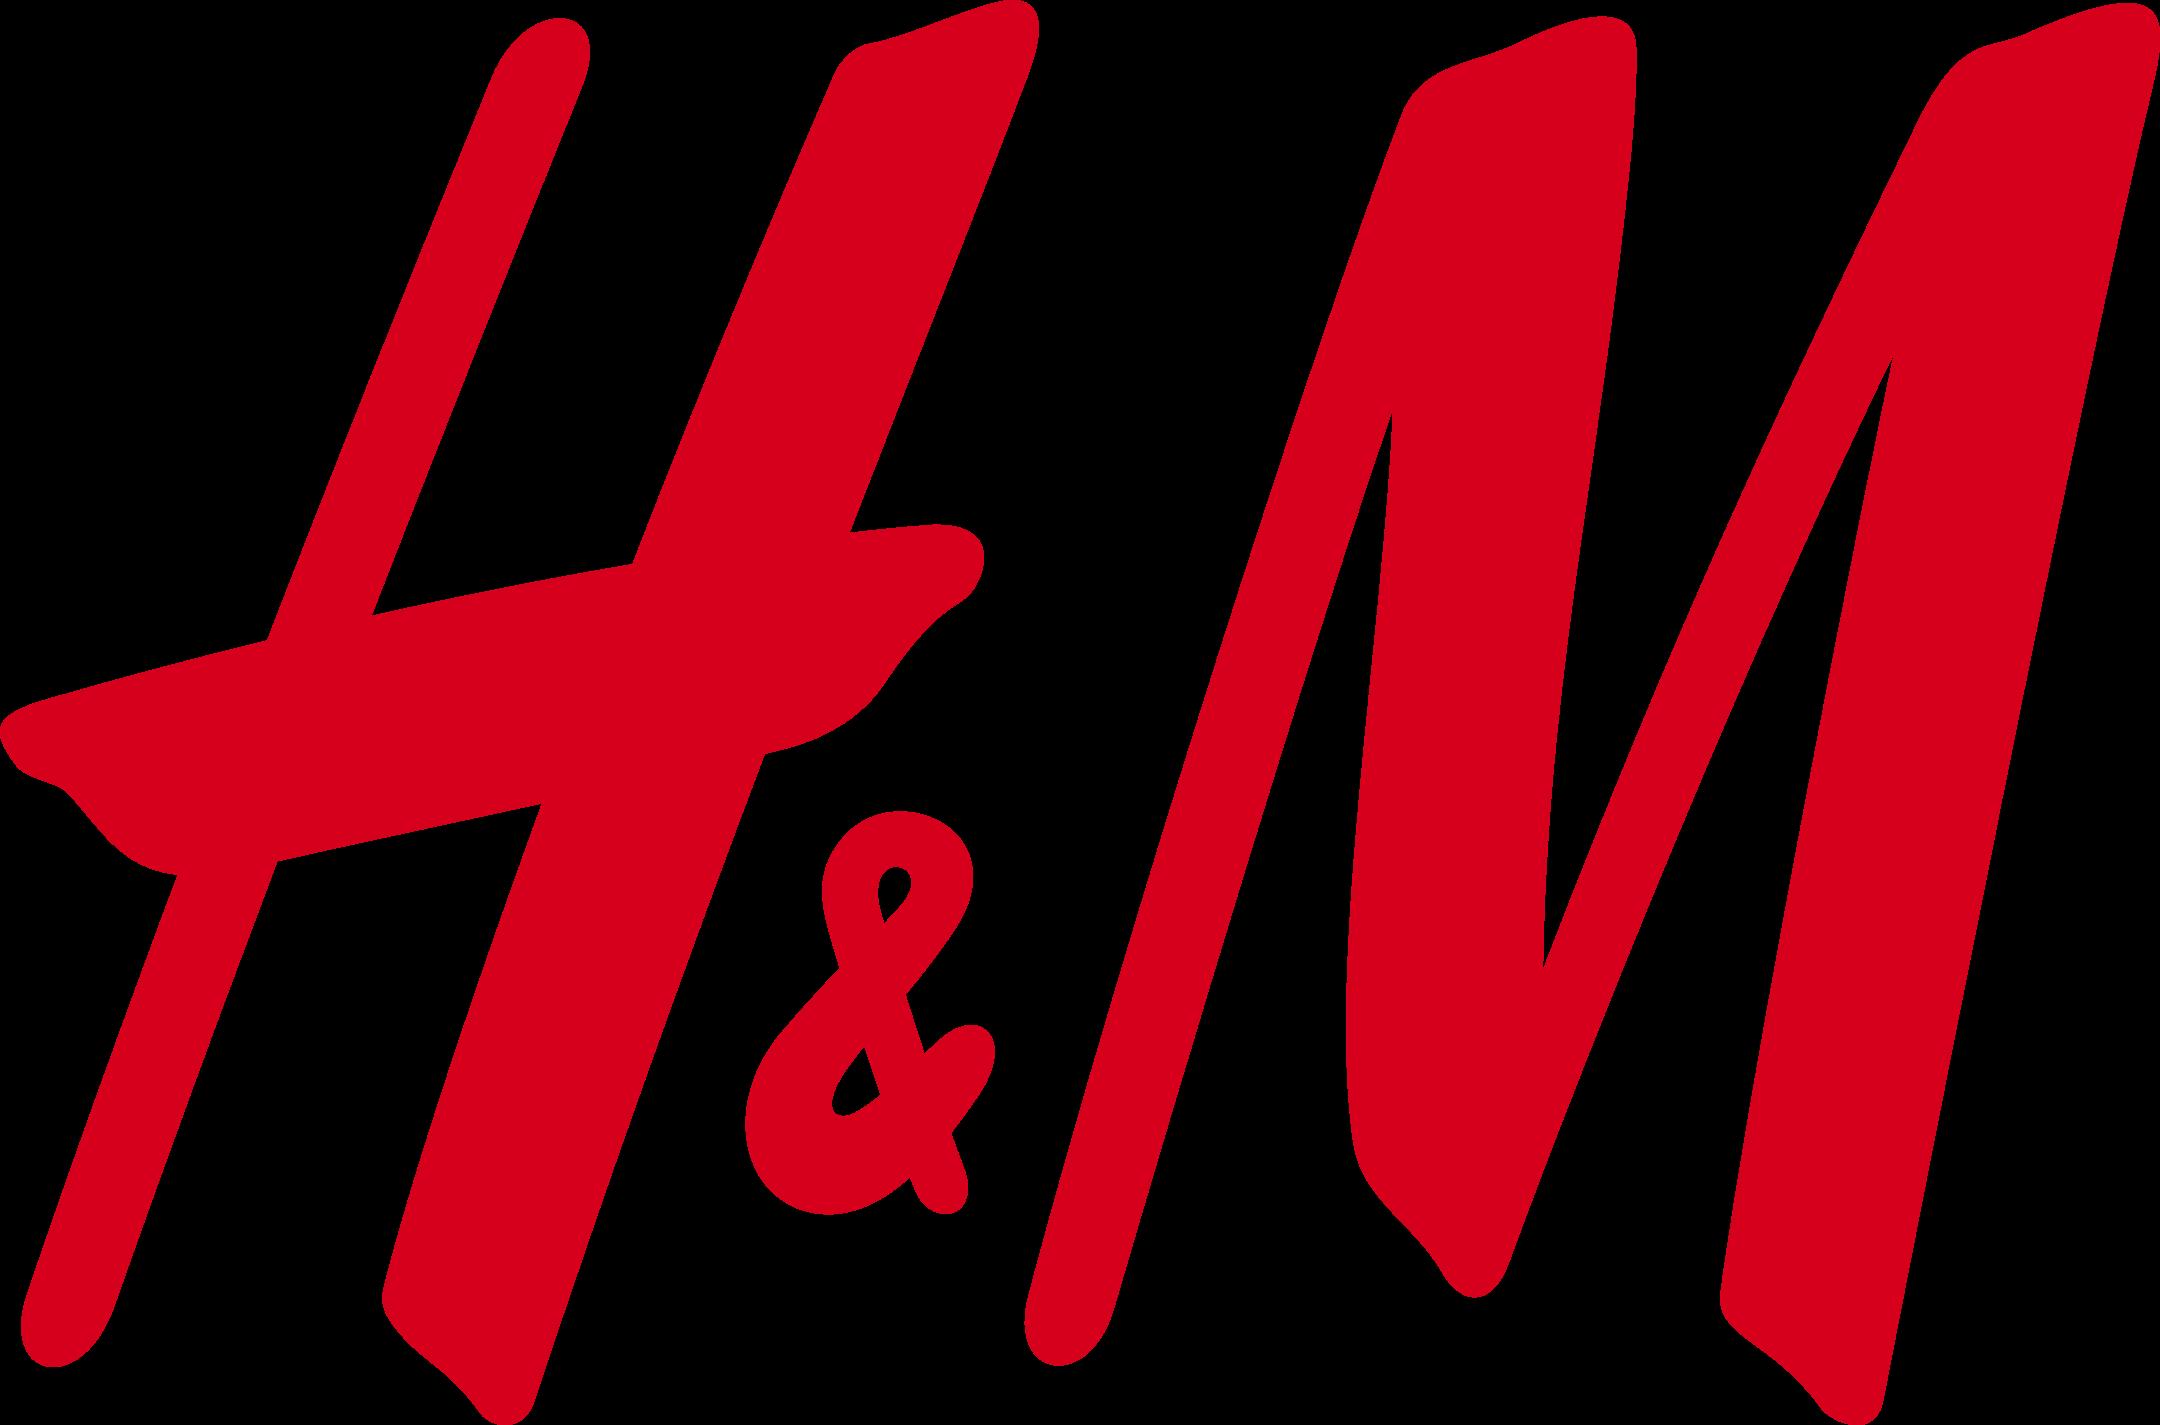 h m logo 1 - H&M Logo